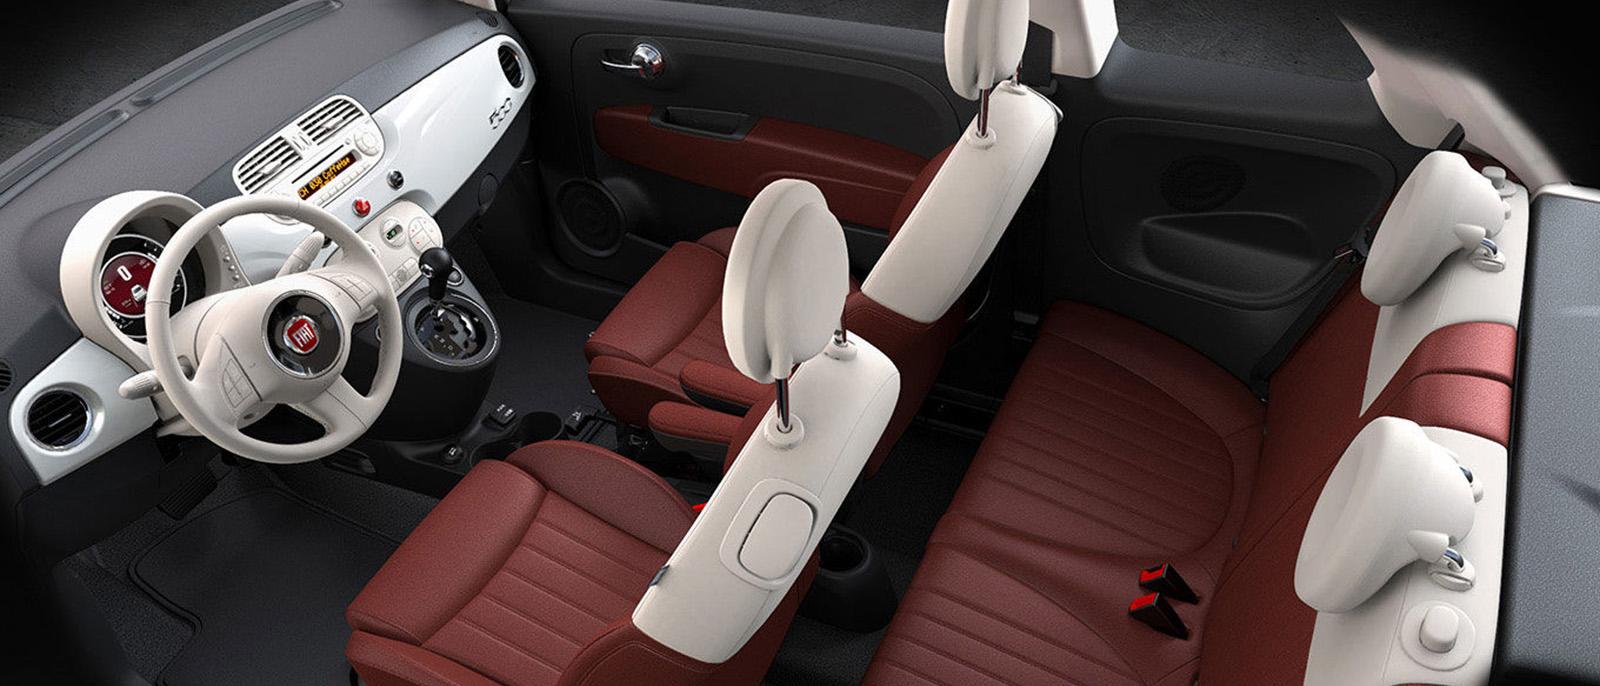 2016 Fiat 500L